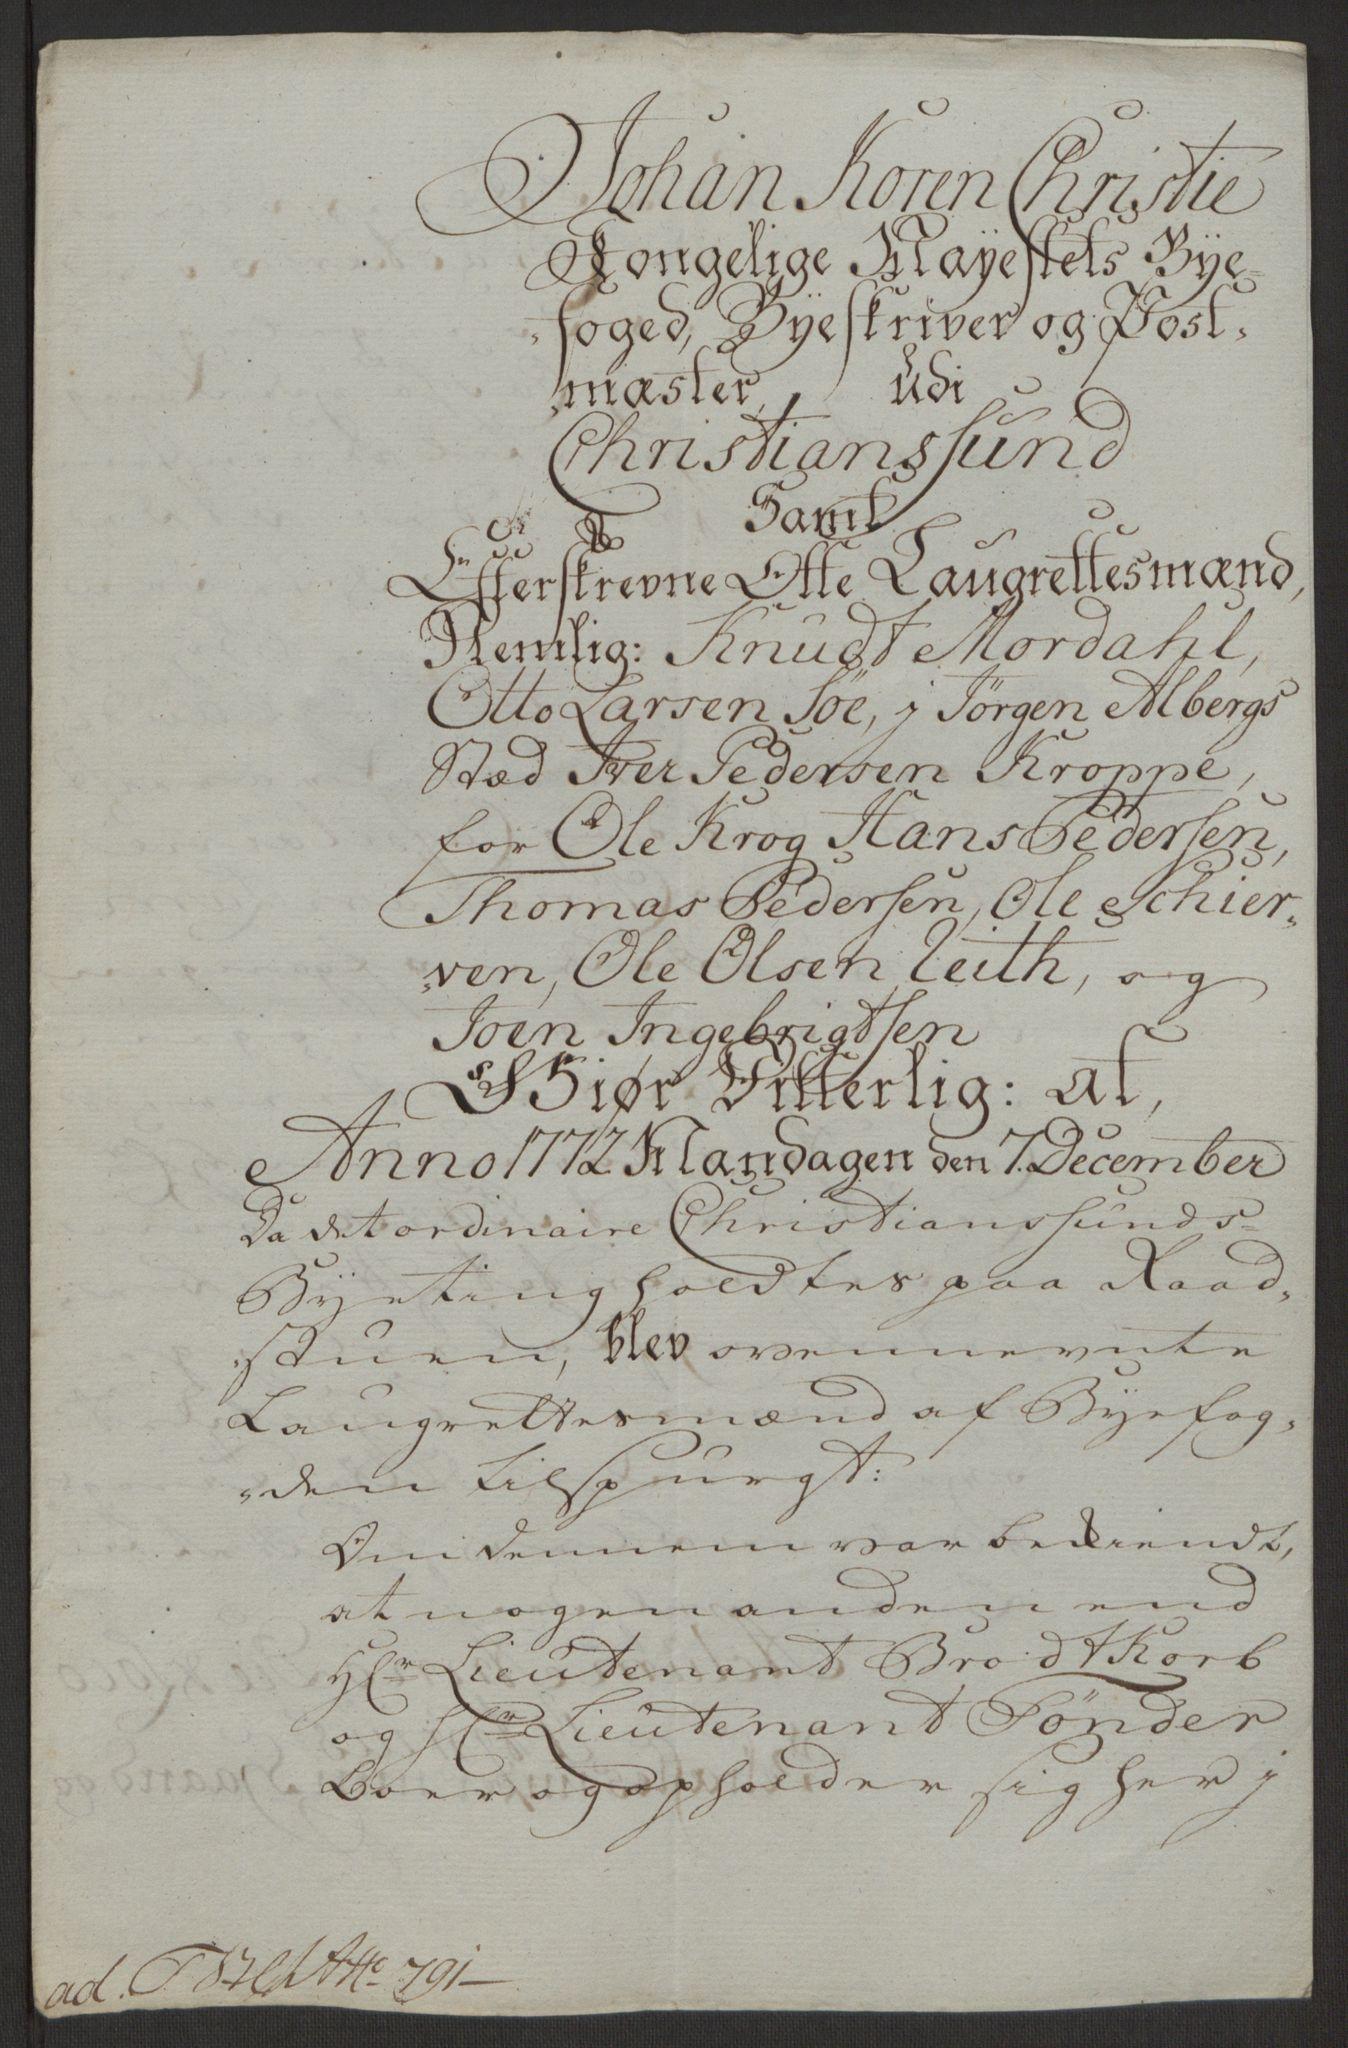 RA, Rentekammeret inntil 1814, Reviderte regnskaper, Byregnskaper, R/Rr/L0495: [R1] Kontribusjonsregnskap, 1762-1772, s. 274